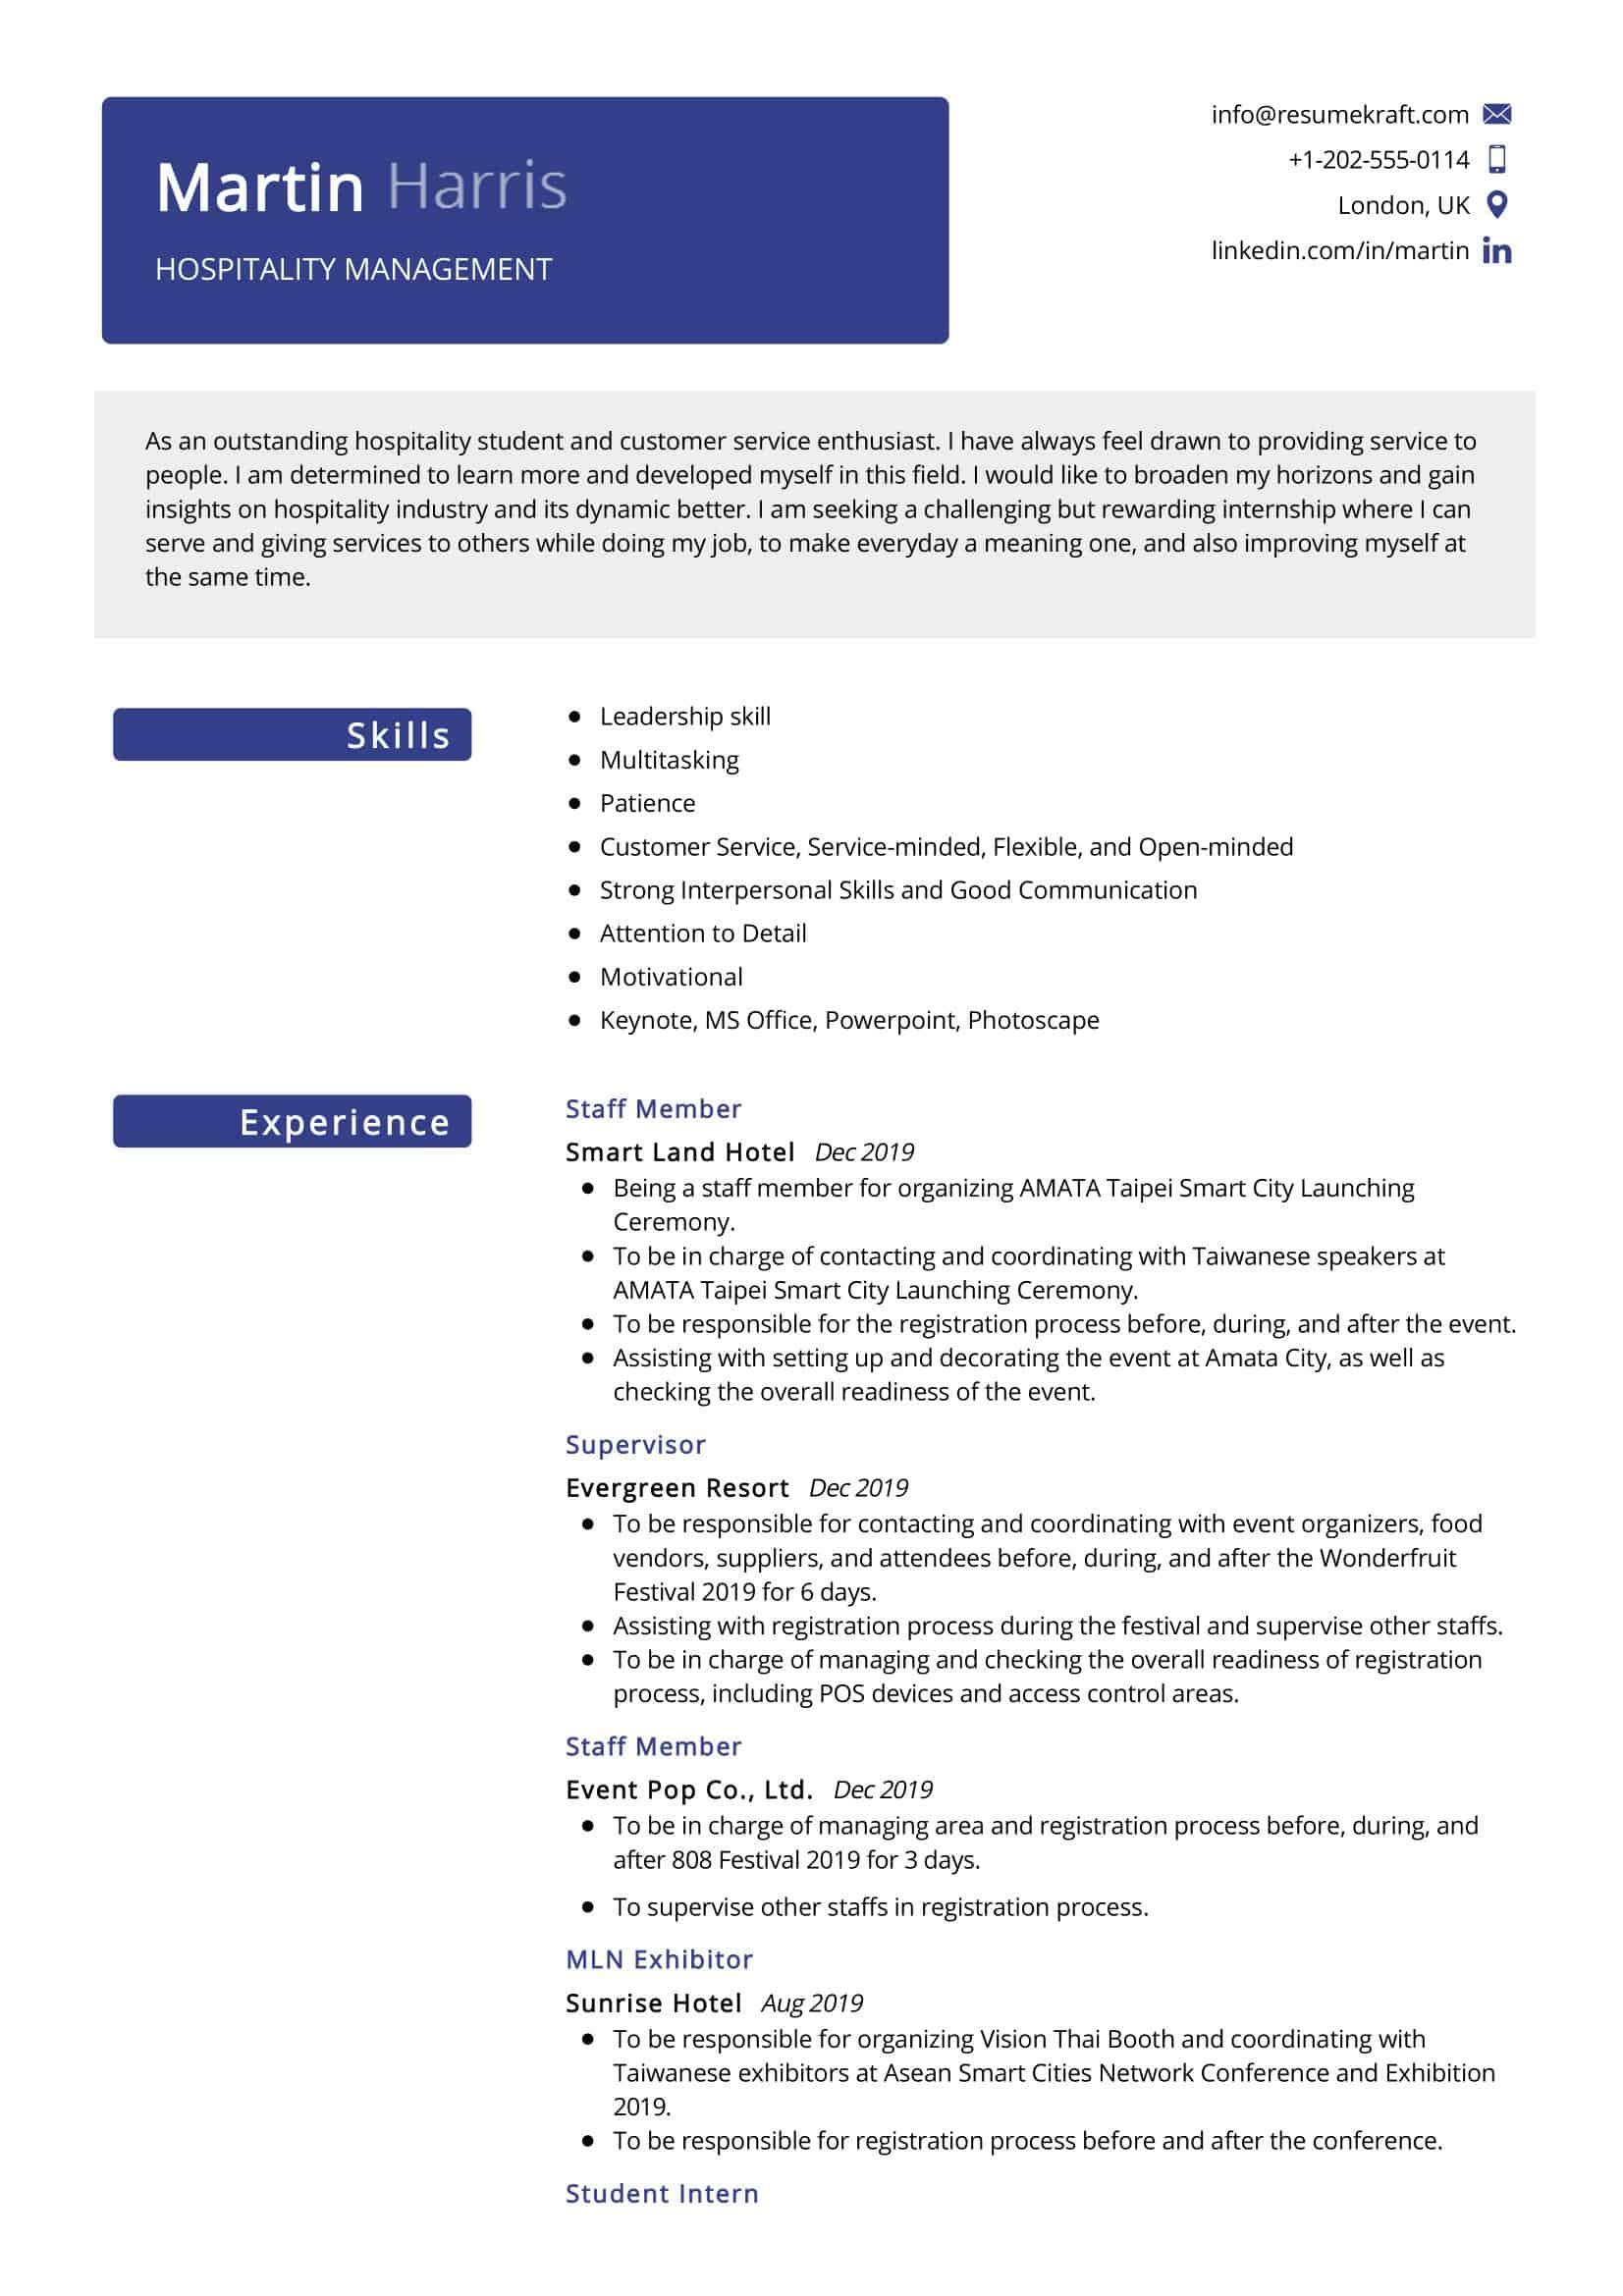 hospitality management resume sample  resumekraft